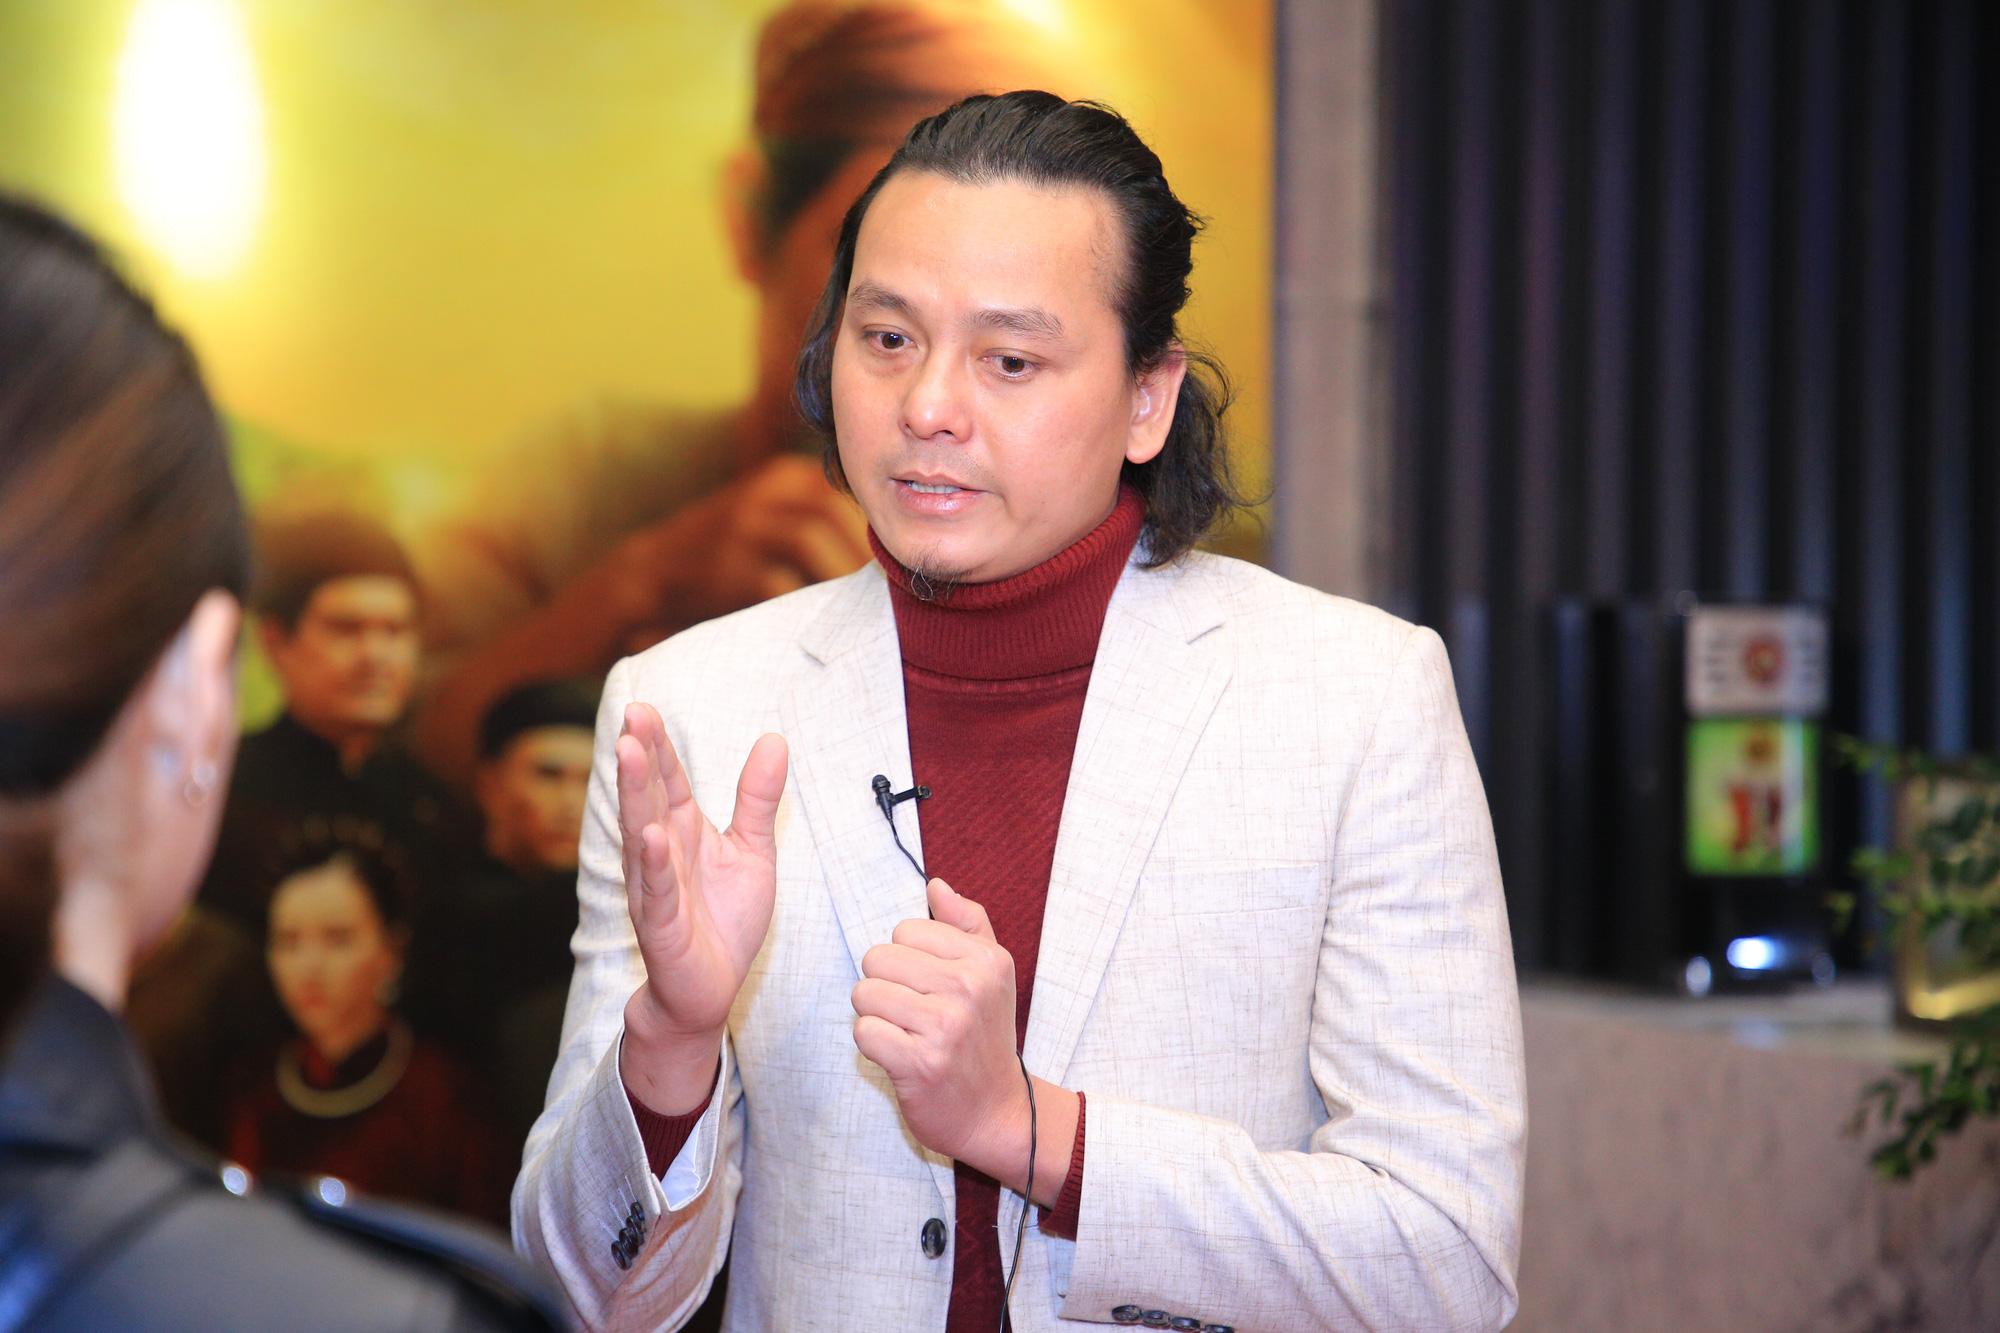 """Dàn diễn viên bắc nam đổ bộ tại buổi ra mắt """"Cậu Vàng"""" tại Hà Nội - Ảnh 3."""